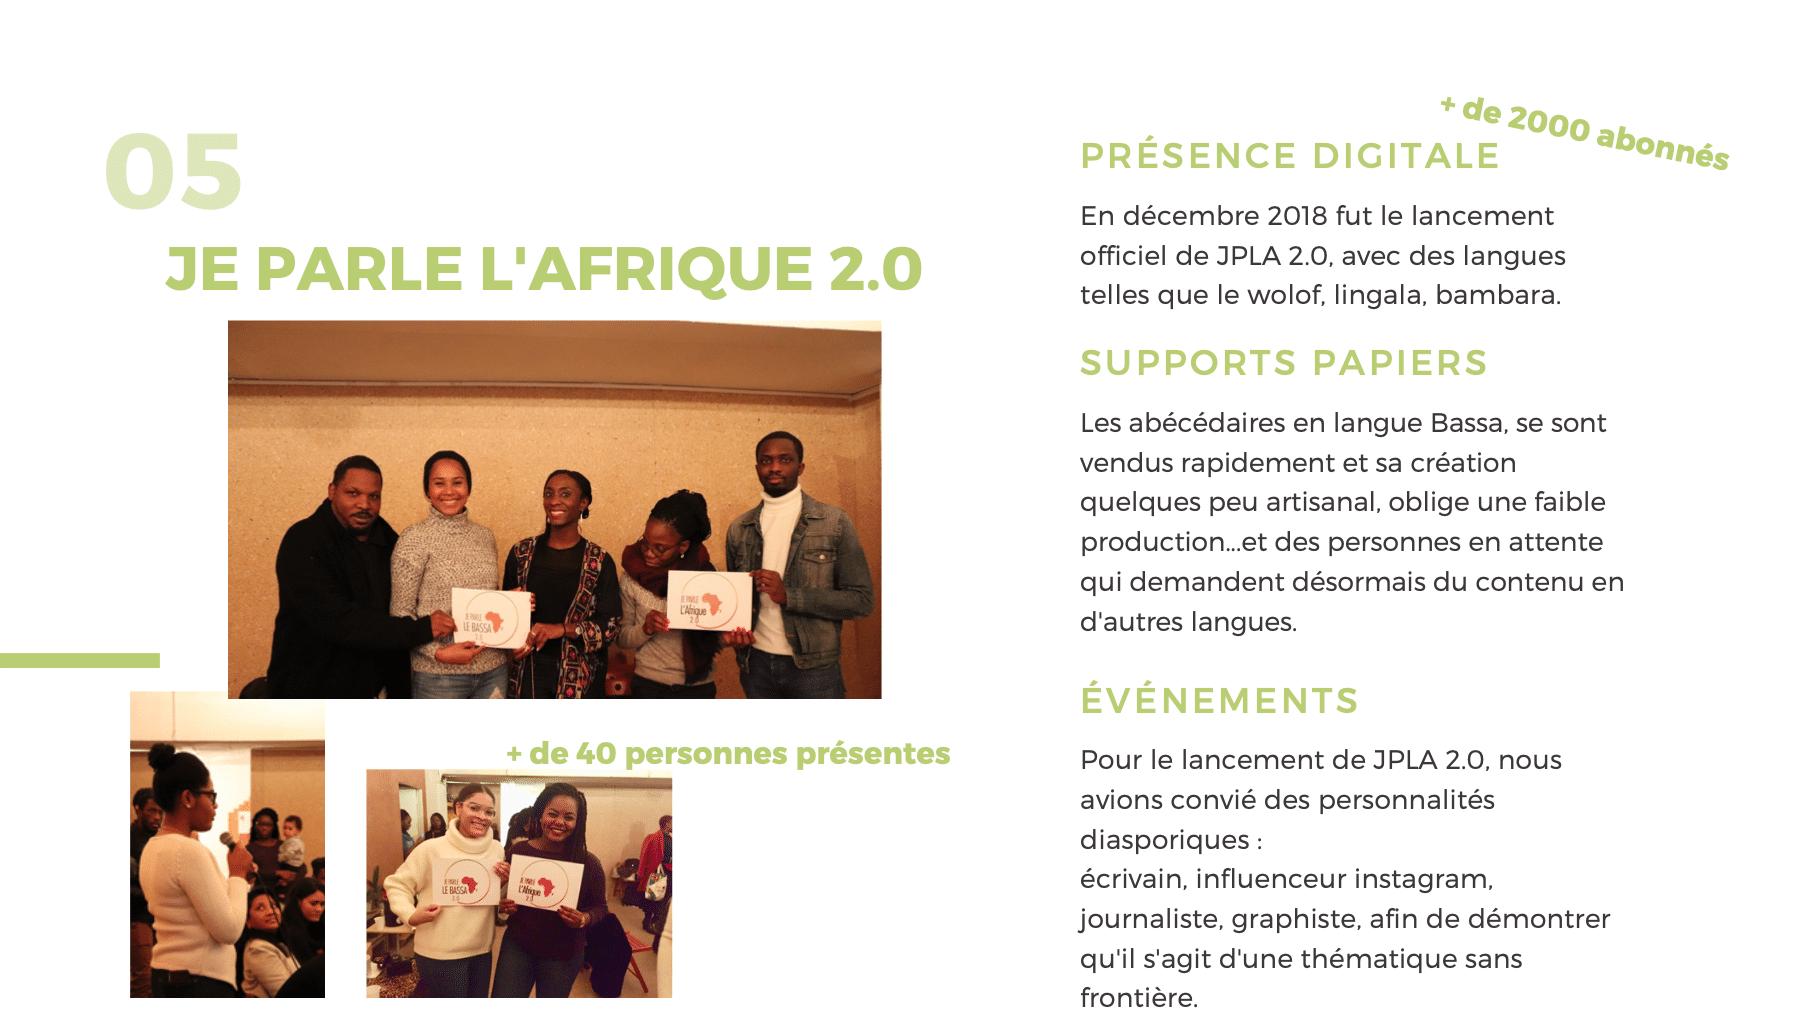 Presentation je parle le bassa 2.0 je parle l'Afrique .20 scheena donna fred ebami mbougar Sara sinatou saka page 5